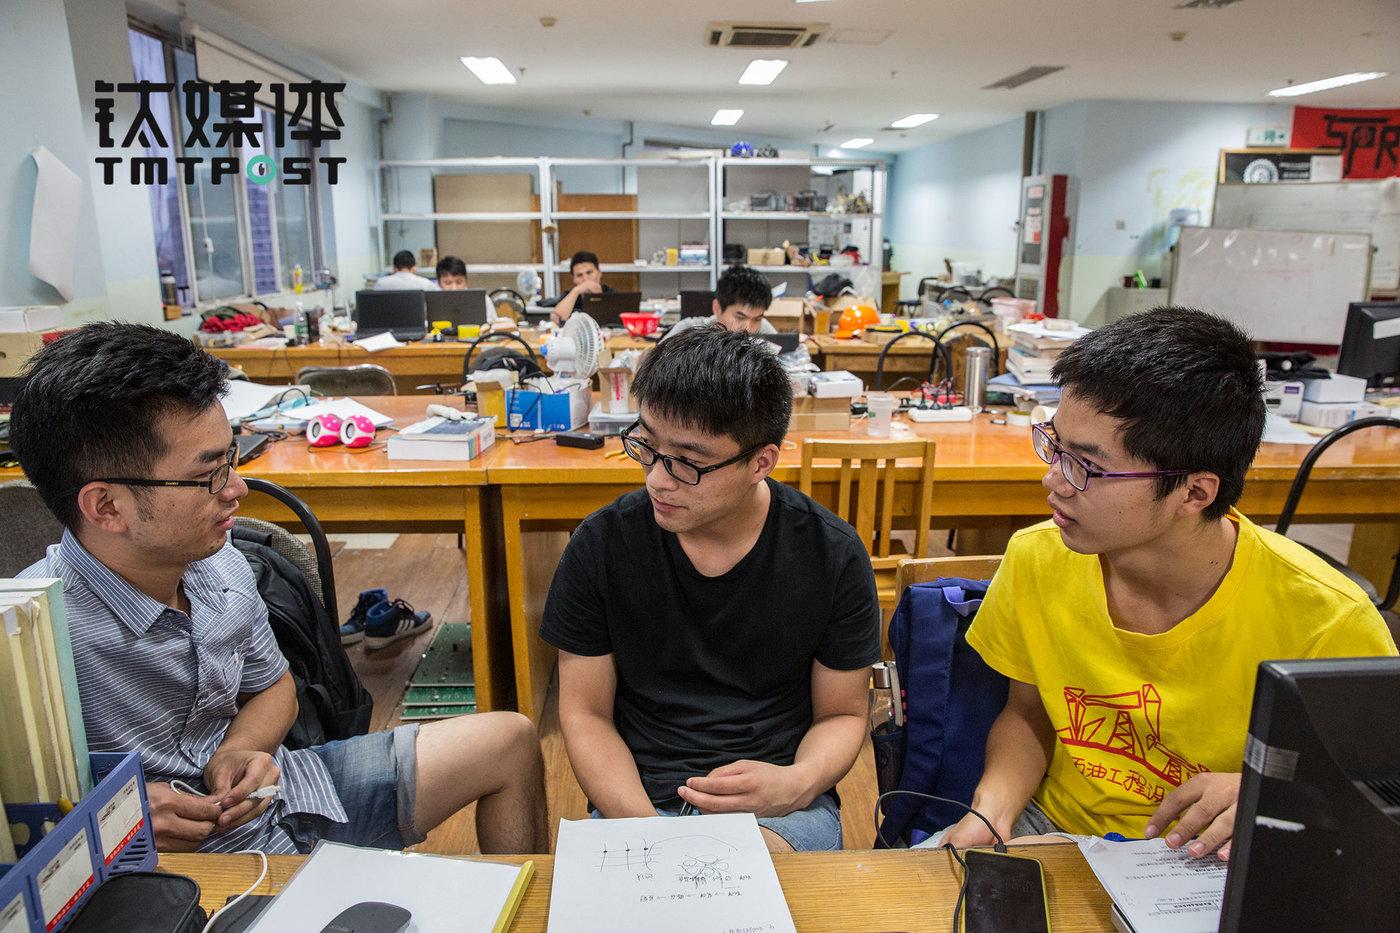 队员汪文松(中)和队友讨论新一届Robocon的规则,汪文松今年大四,目前正在找工作,他理想中的公司是大疆。而大疆作为Robomasters的赞助商,也将这一比赛作为发掘和培养人才的重要平台。